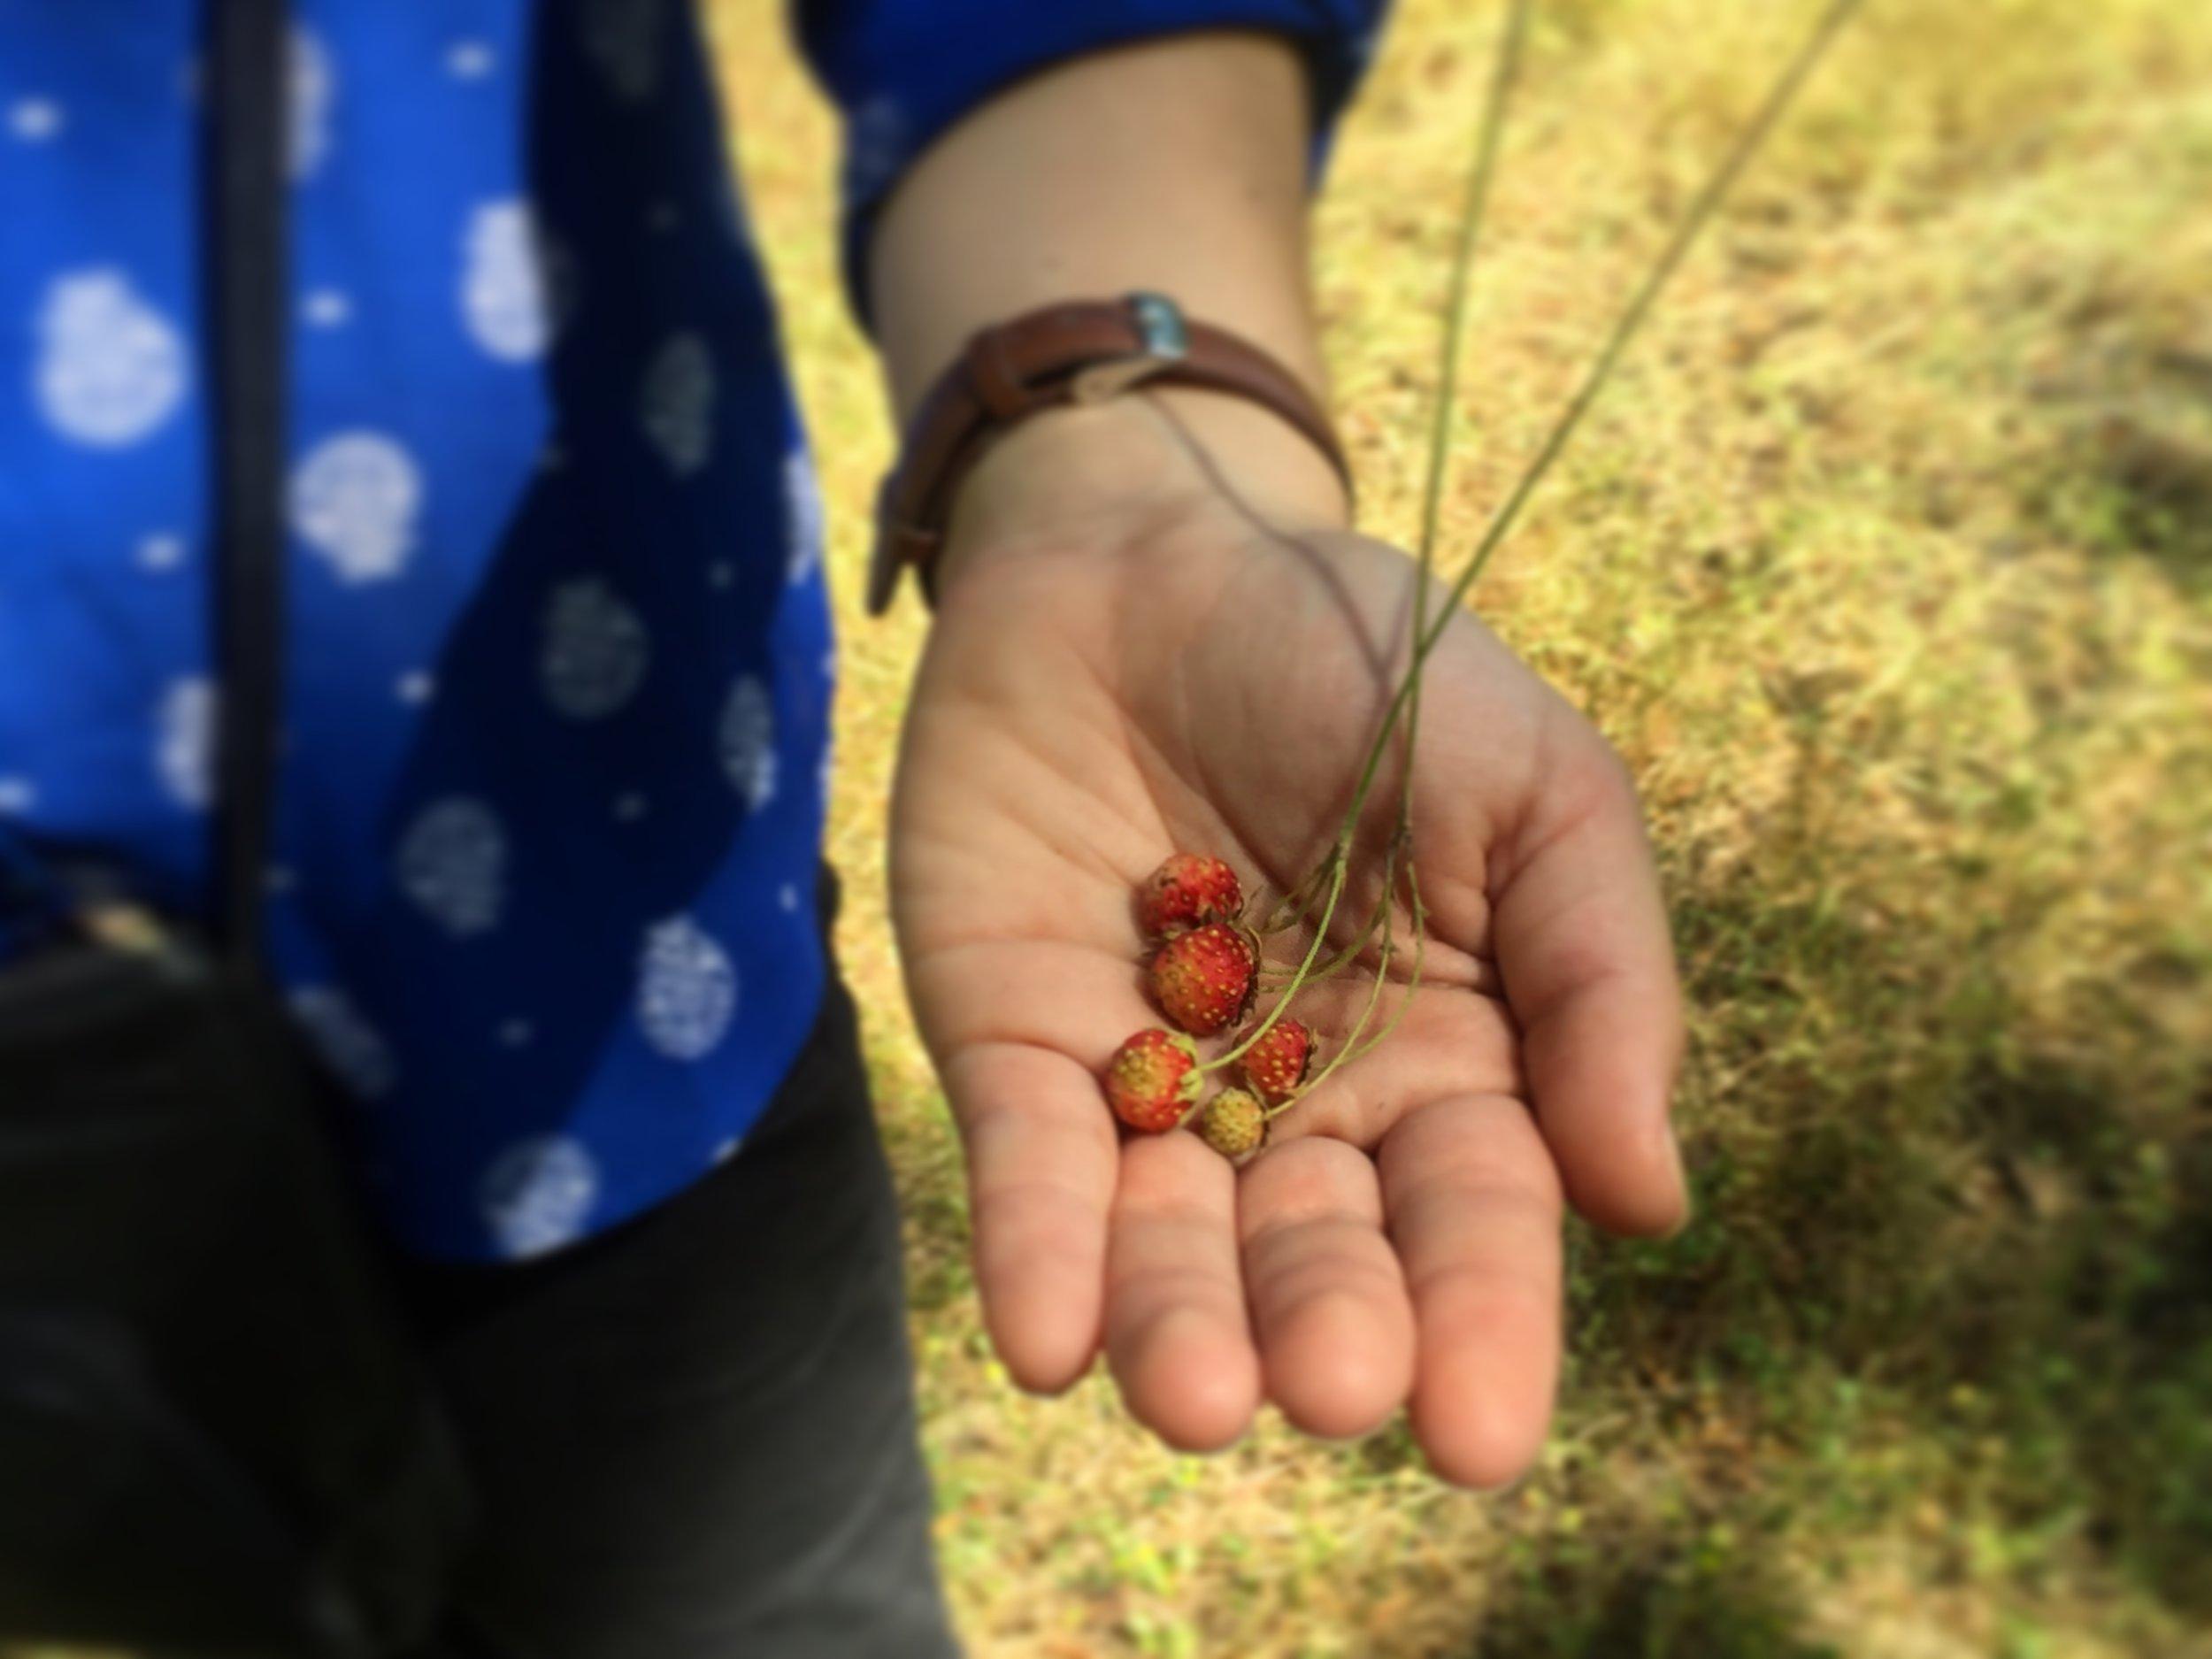 Dziki mori or wild strawberries